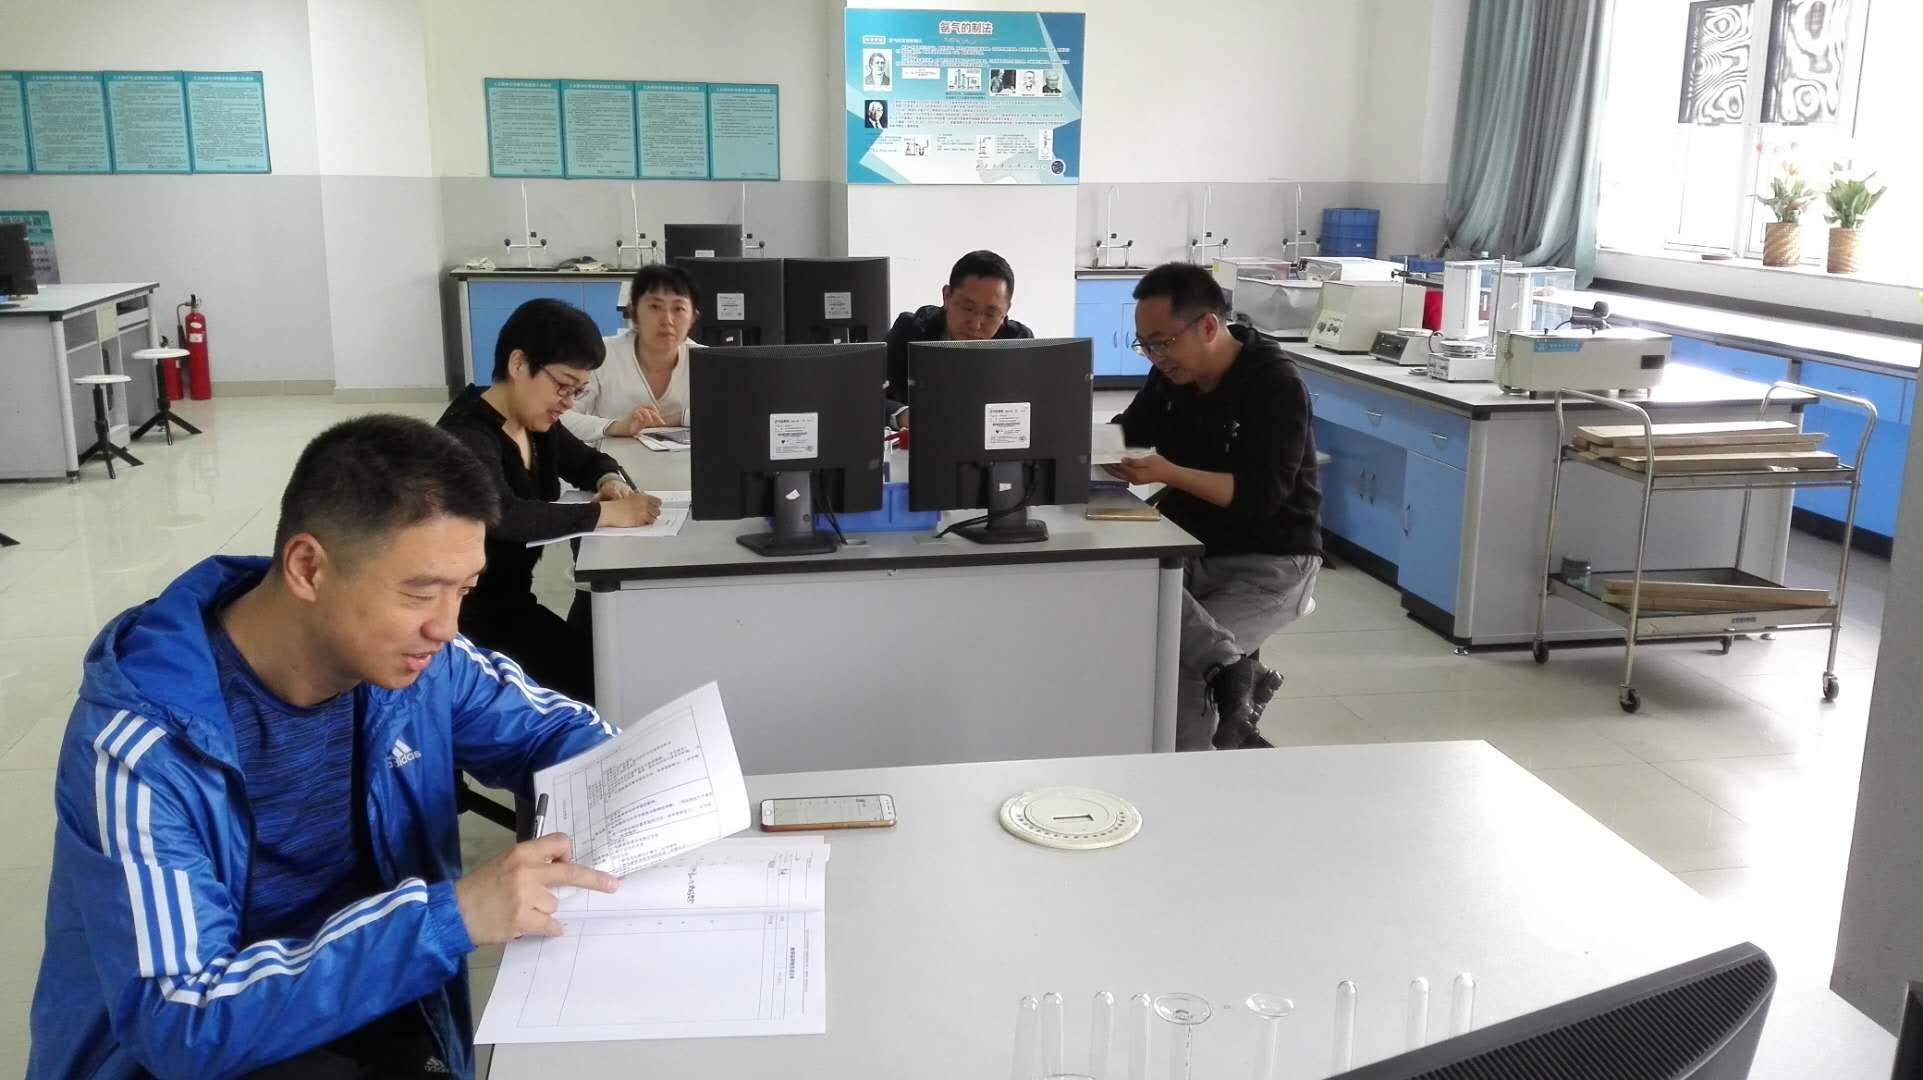 化学组教师专心听讲座.jpg